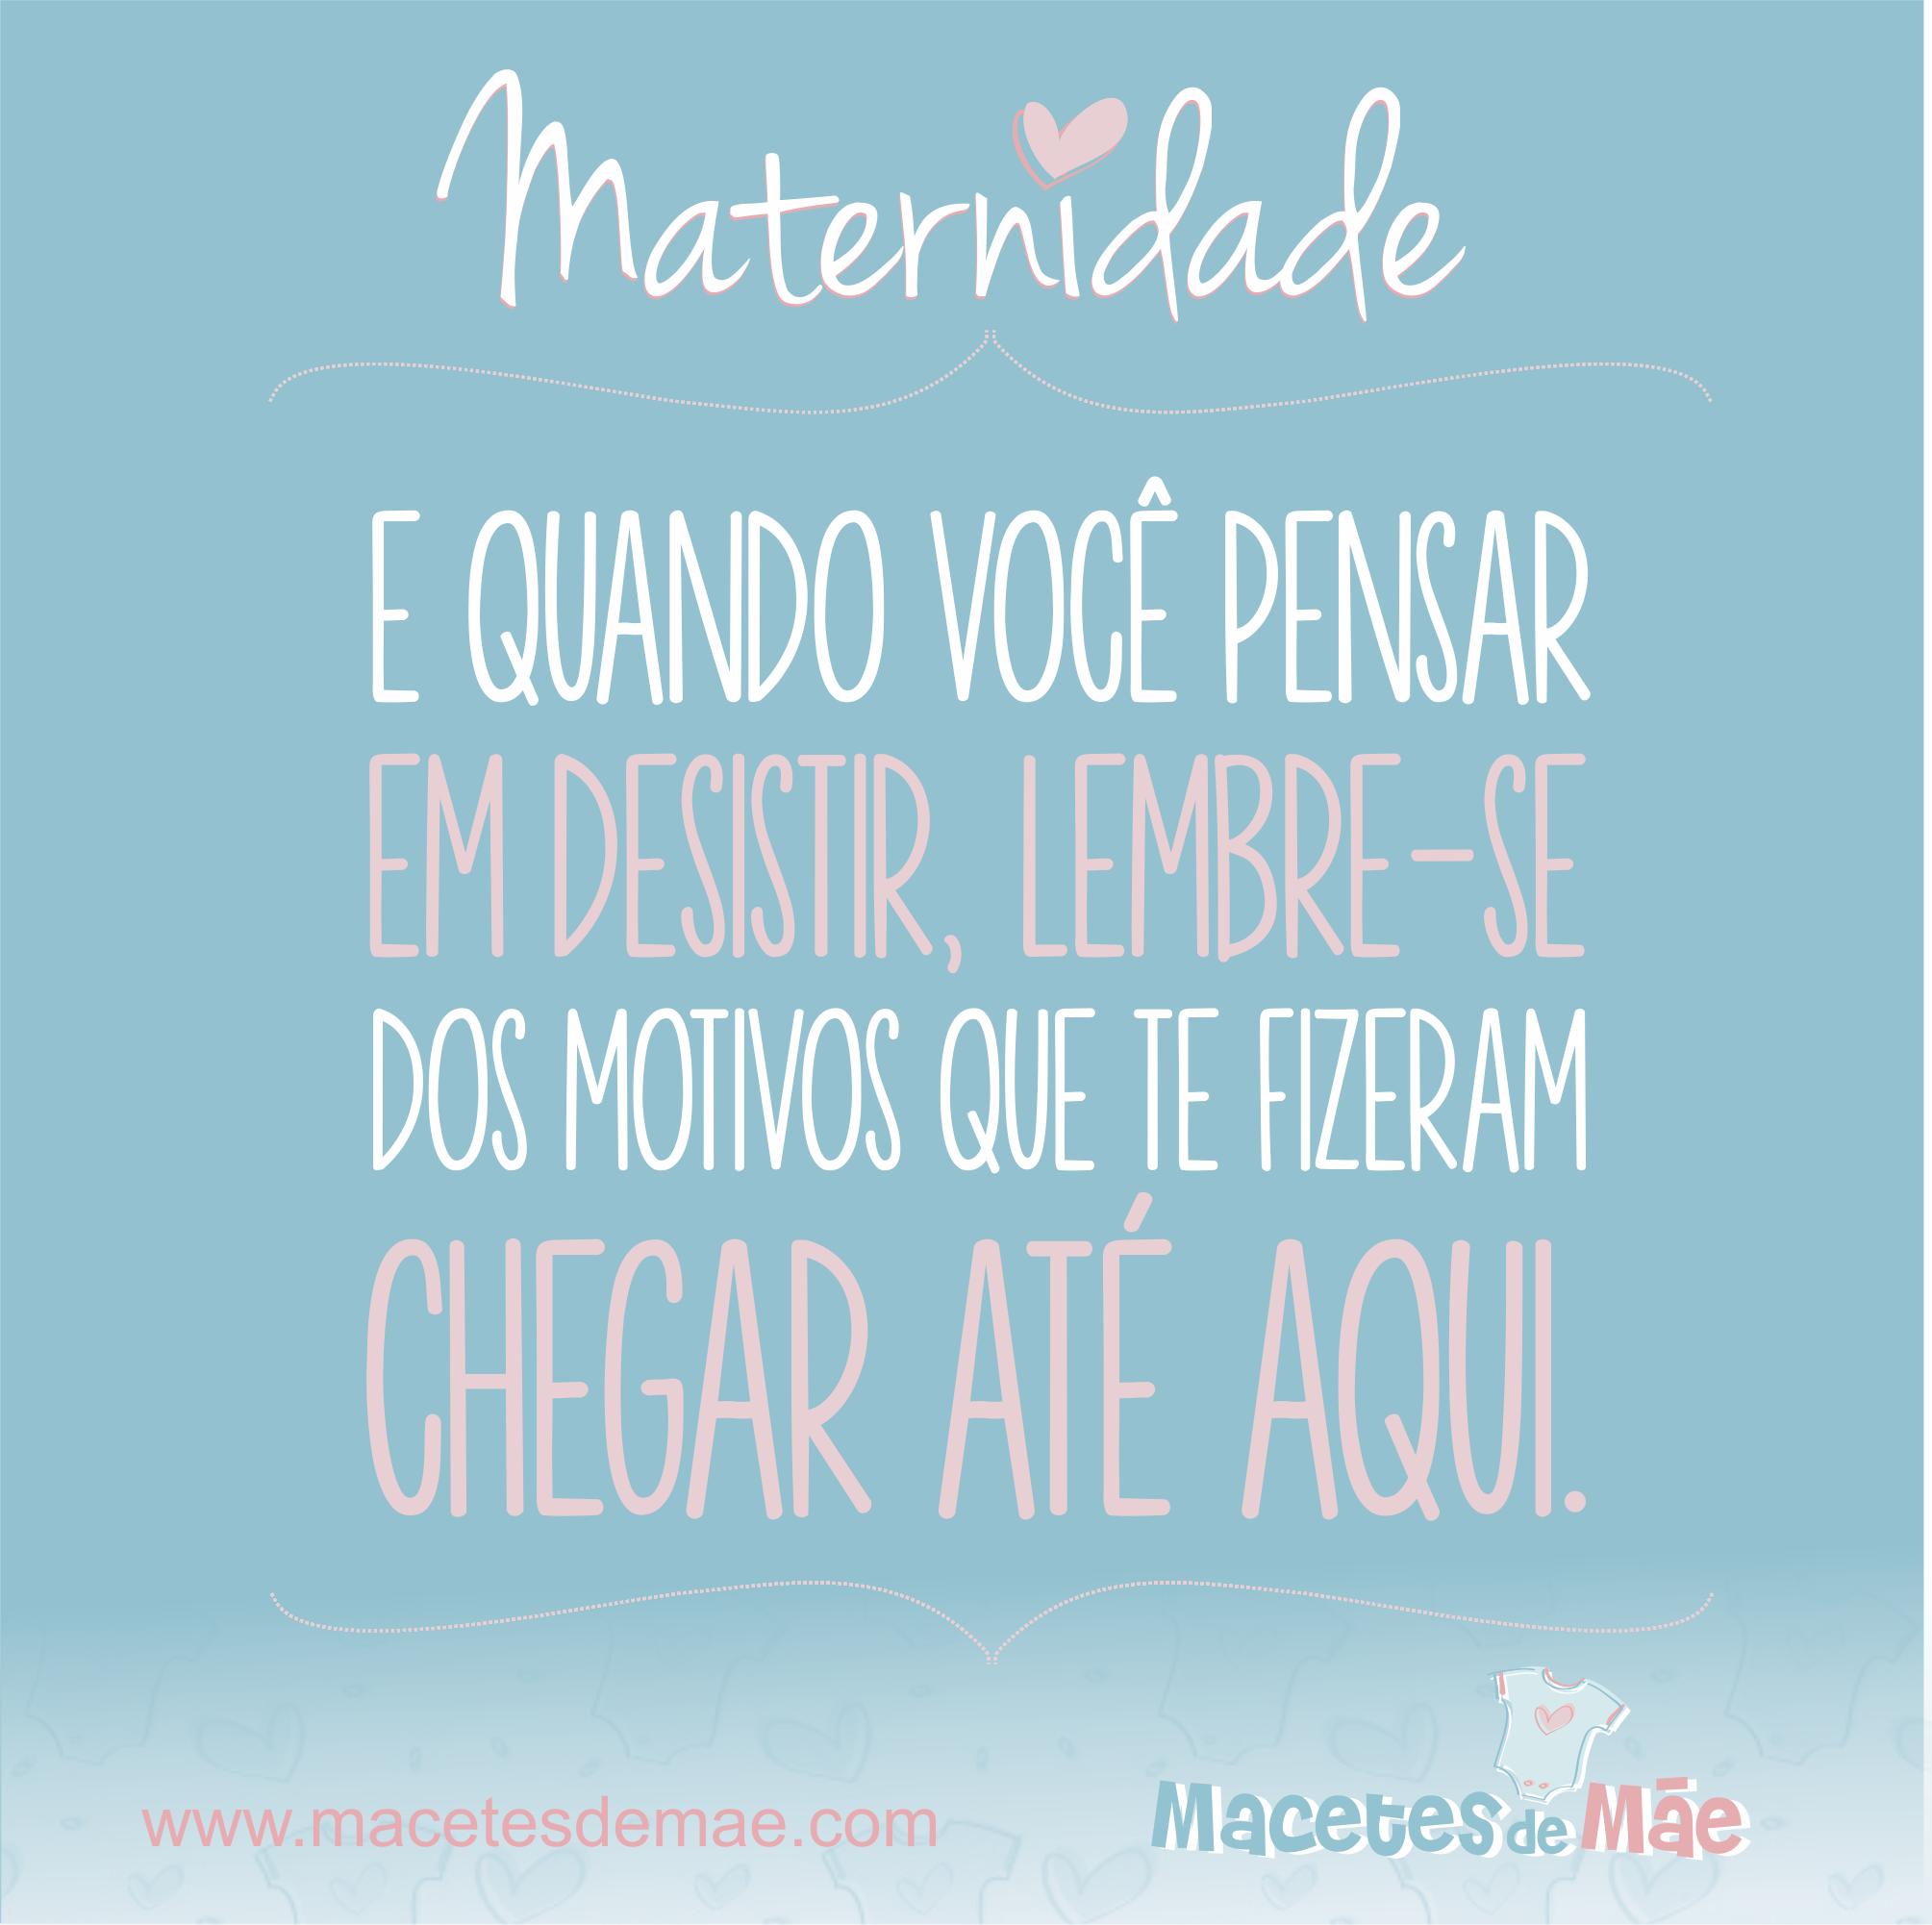 Frases de Maternidade - Frases de Mãe